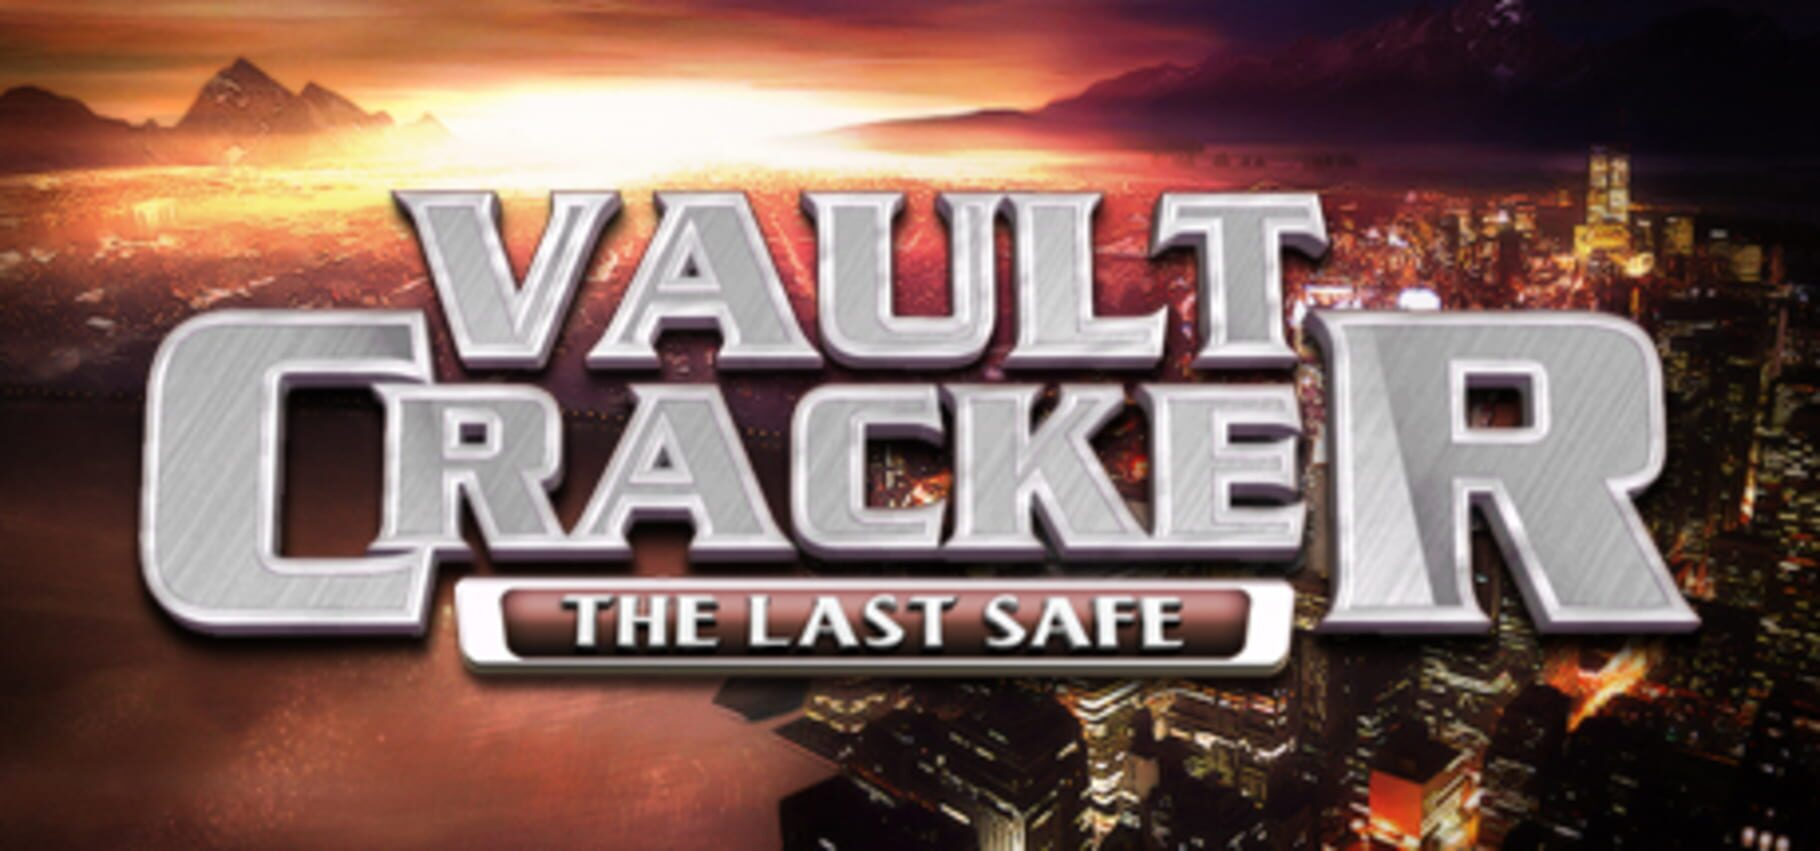 buy Vault Cracker: The Last Safe cd key for all platform